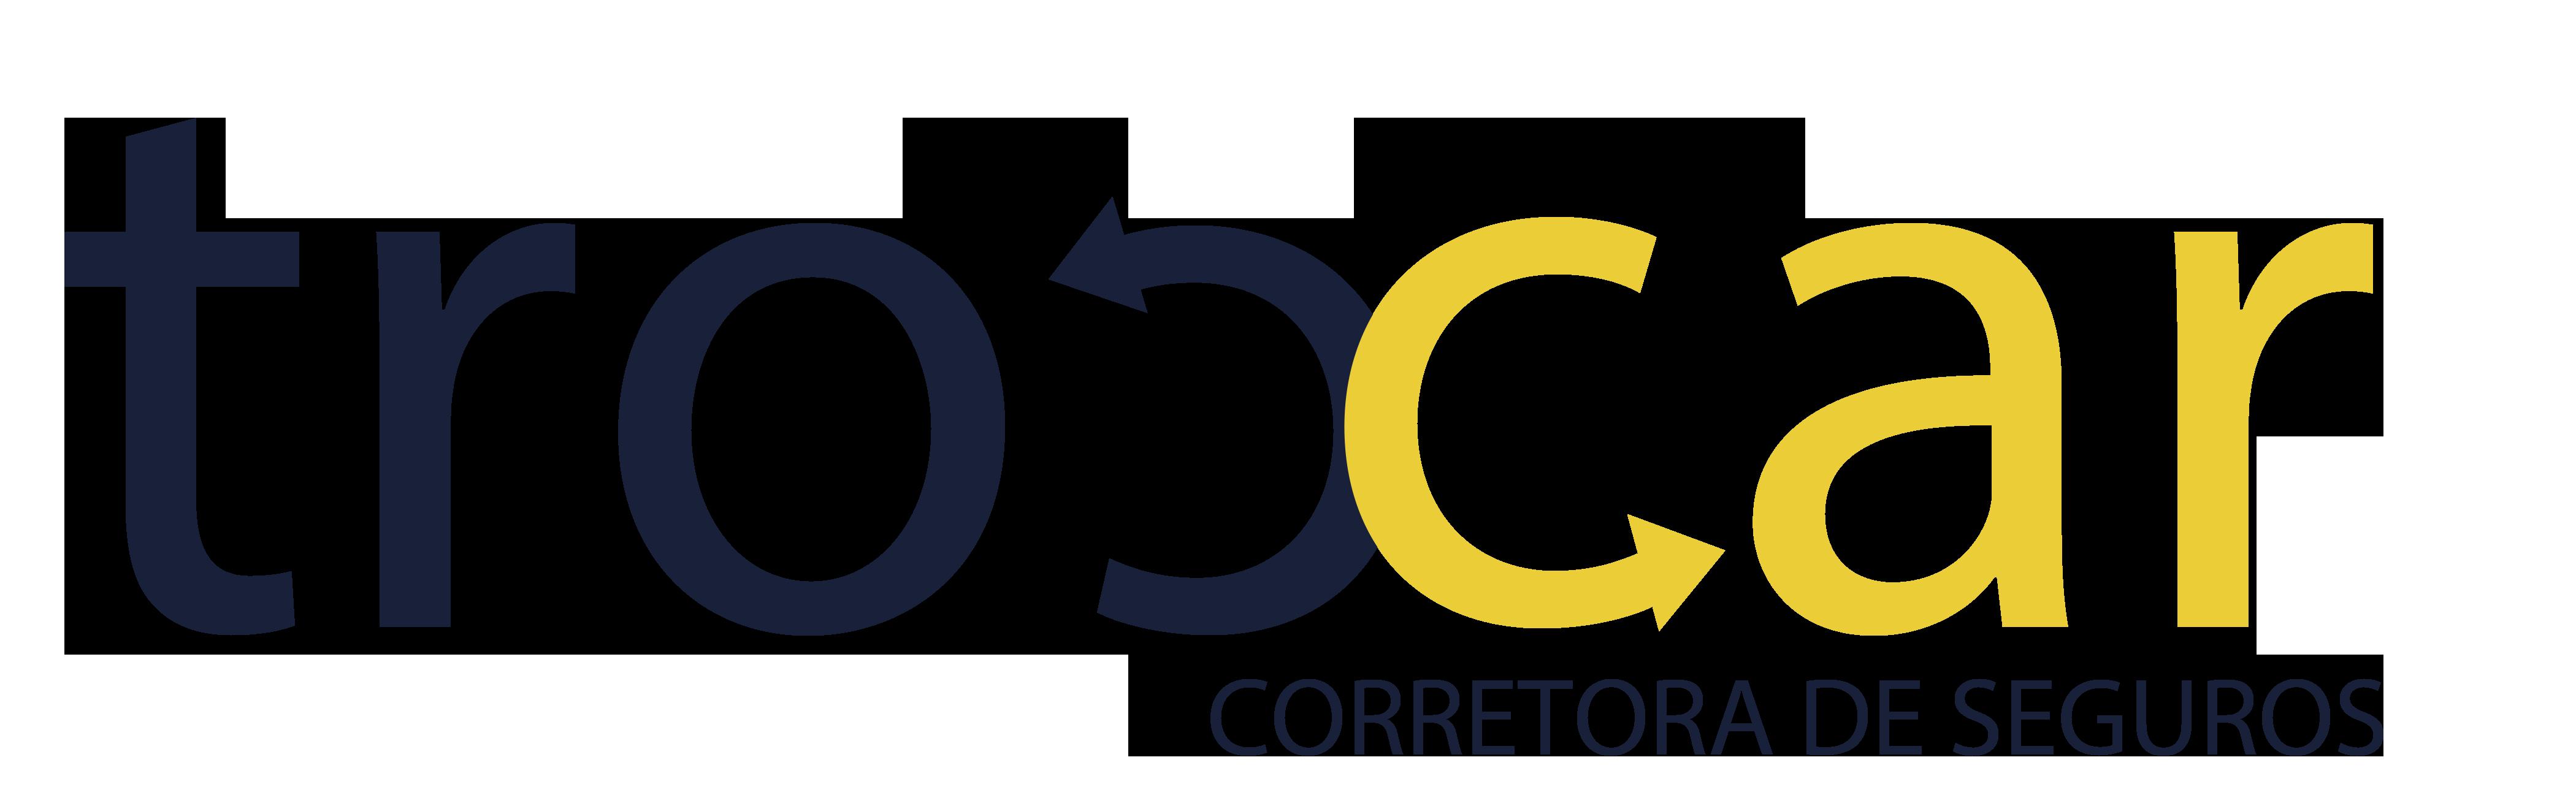 Logo da Troccar